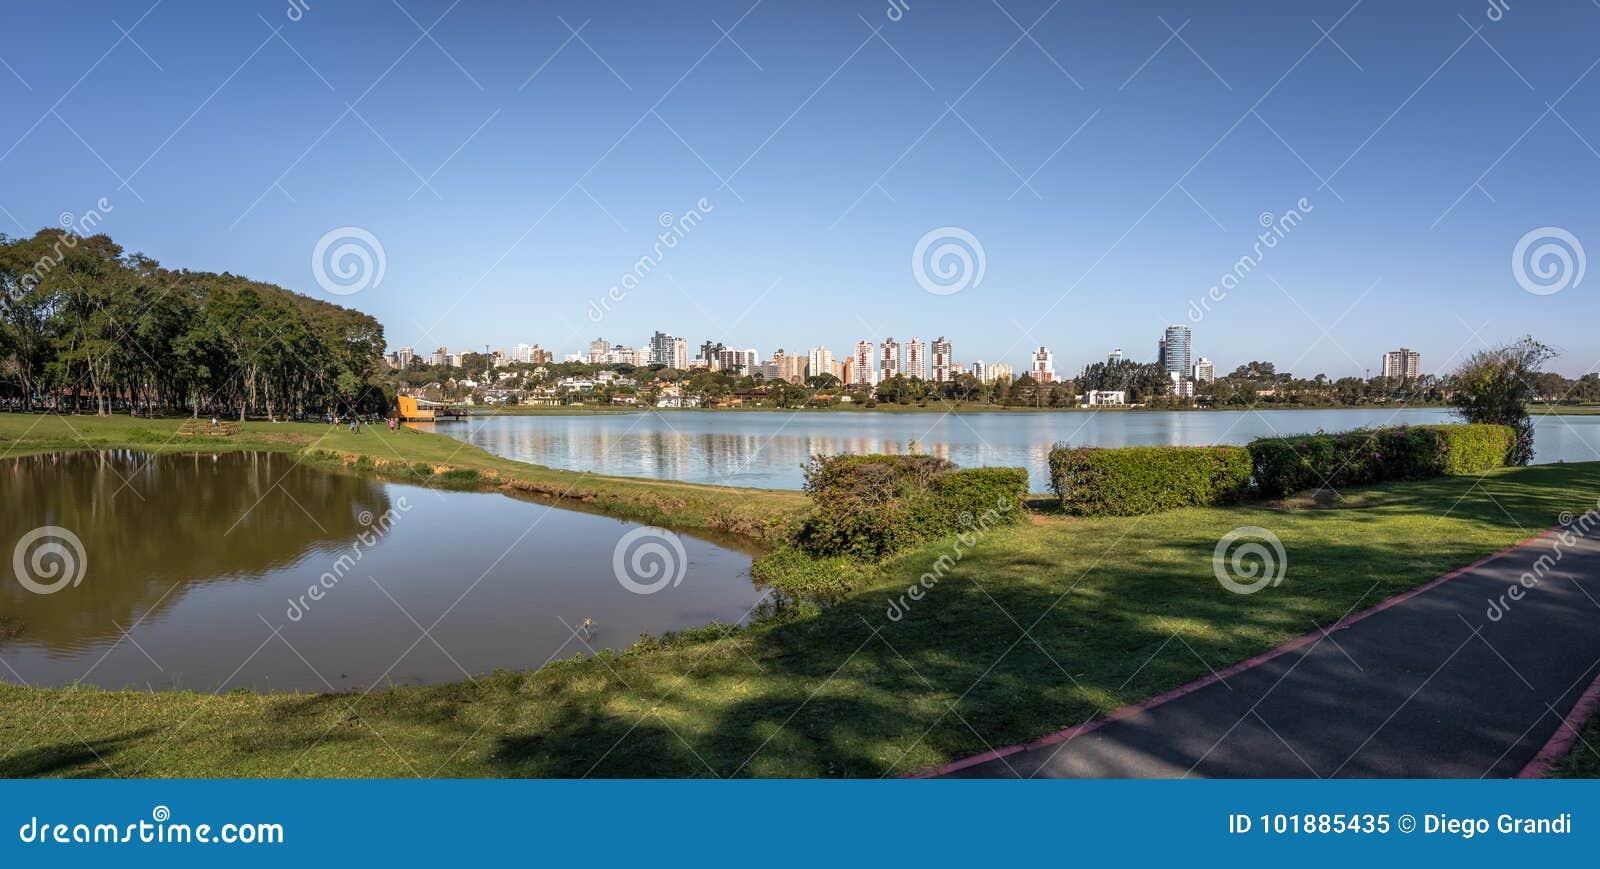 Vista panorámica del horizonte del parque y de la ciudad de Barigui - Curitiba, Paraná, el Brasil